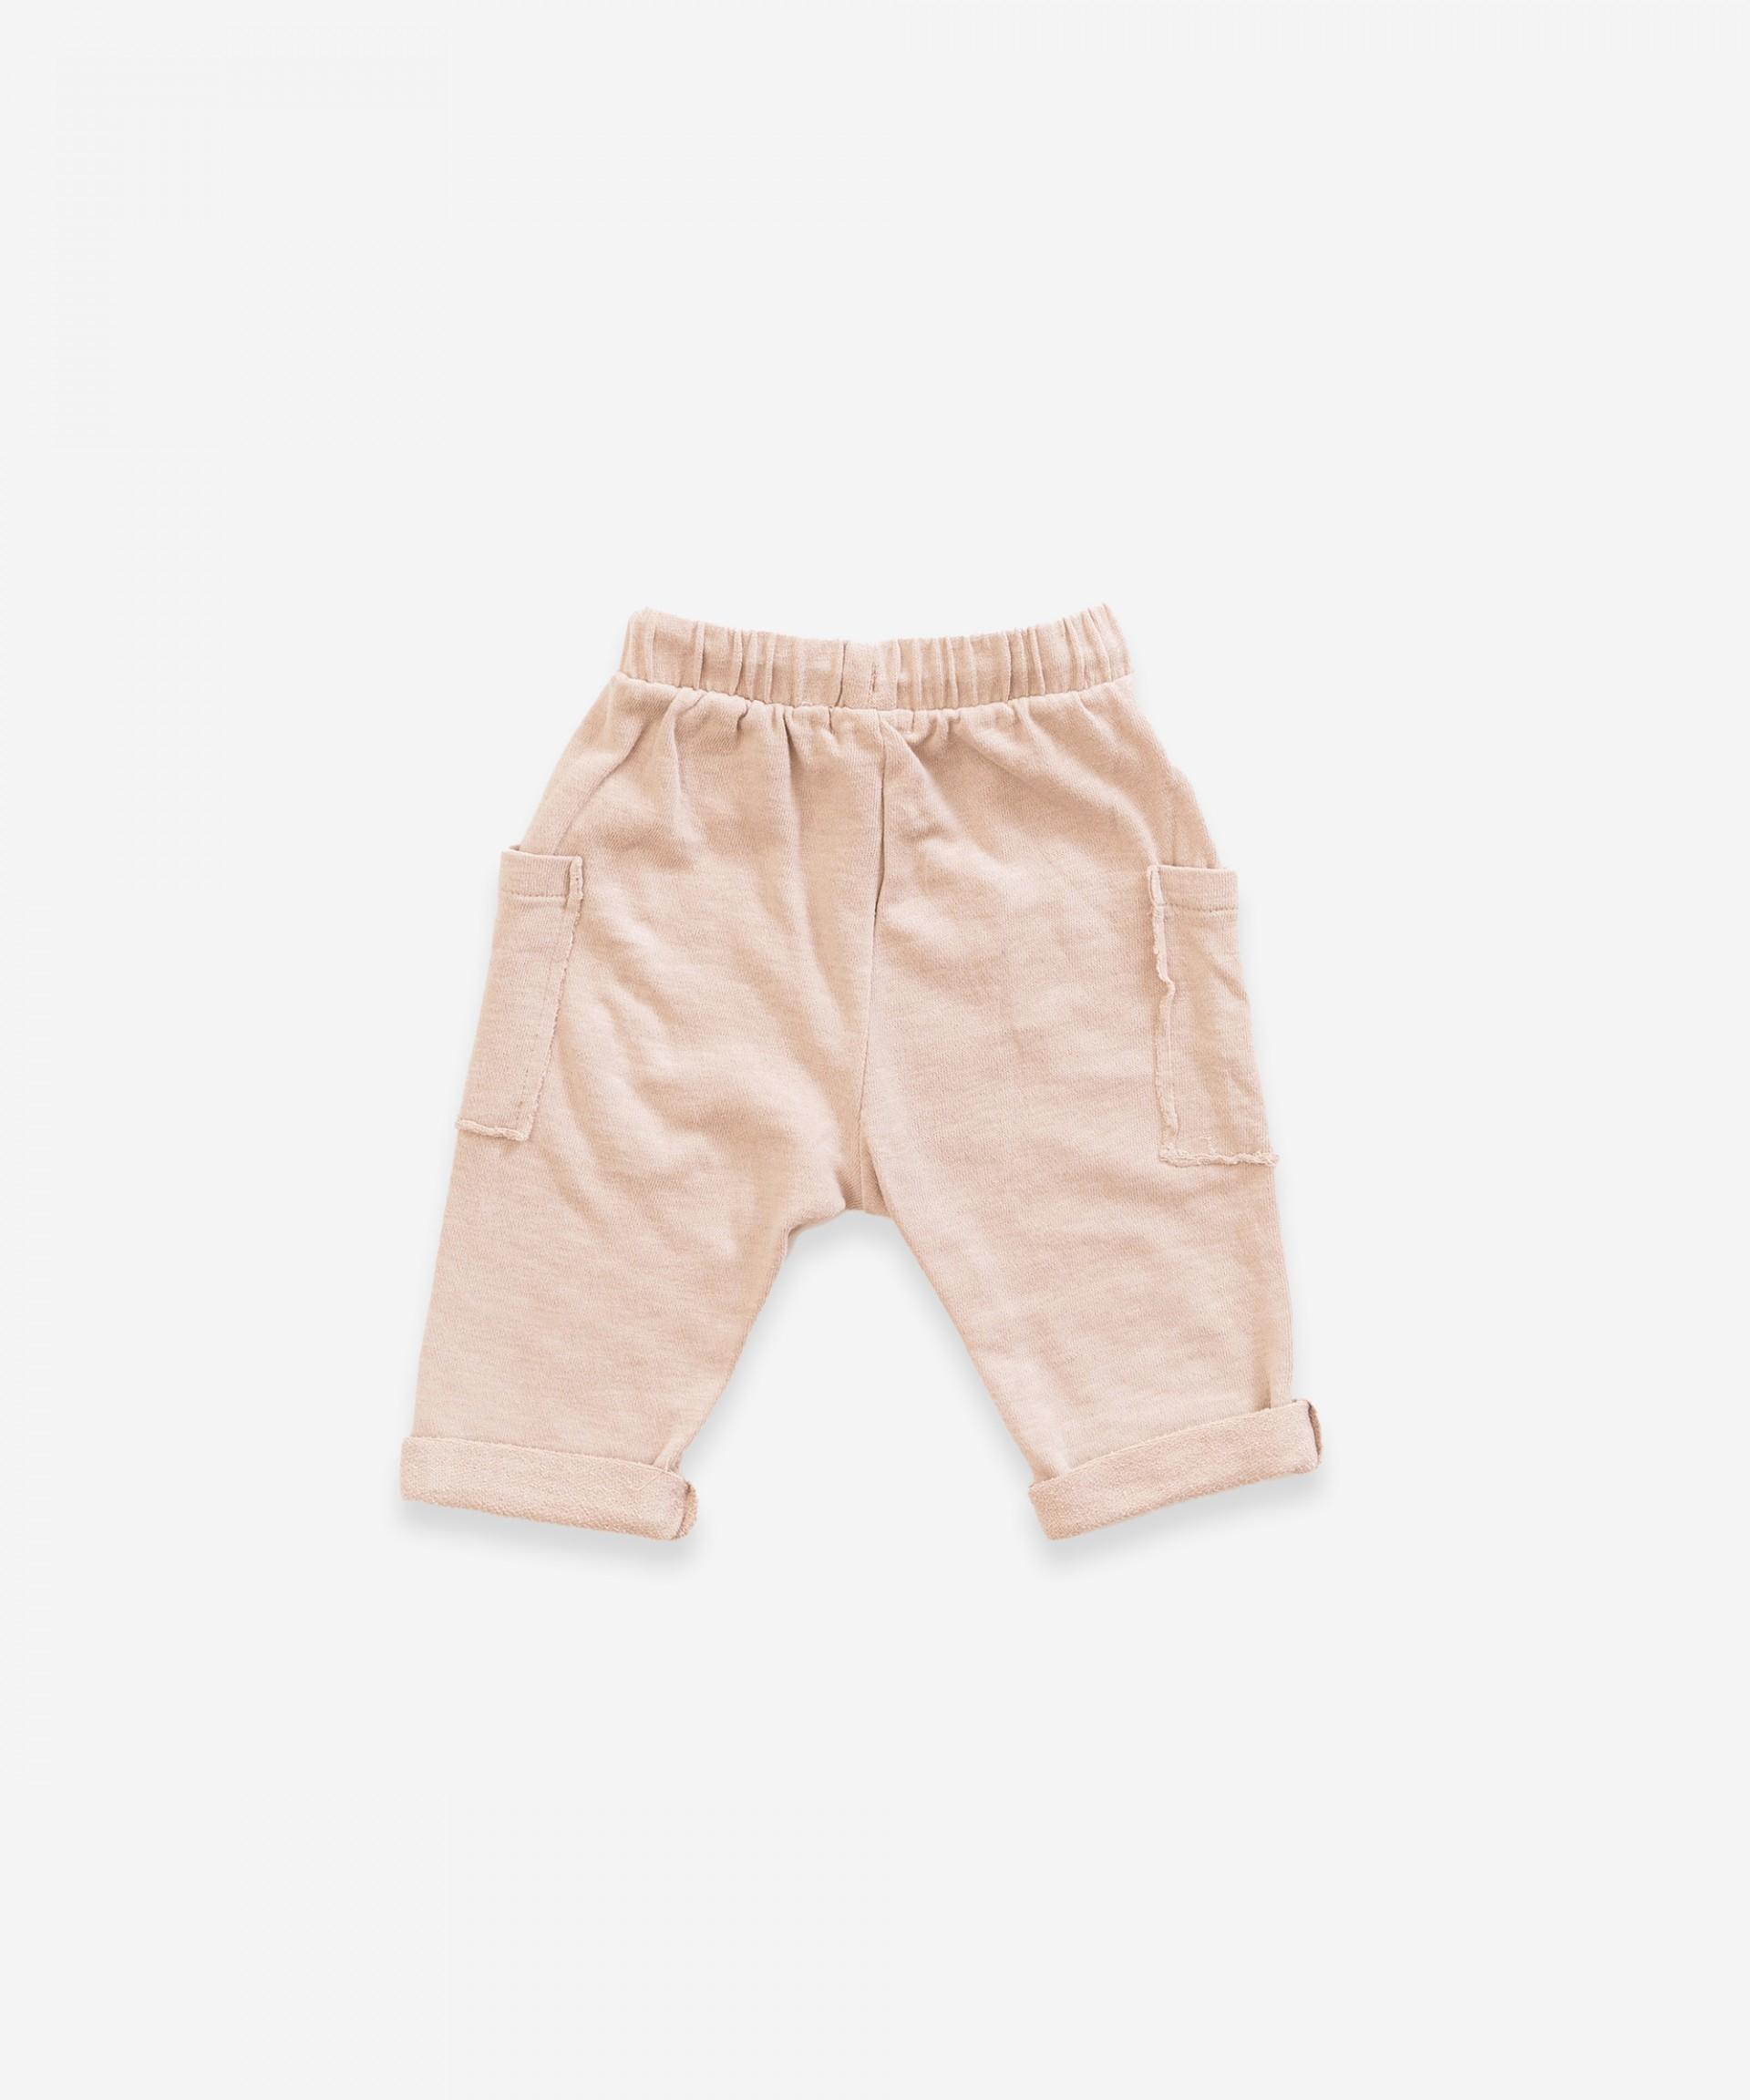 Pantalón de algodón orgánico con bolsillos laterales| Weaving